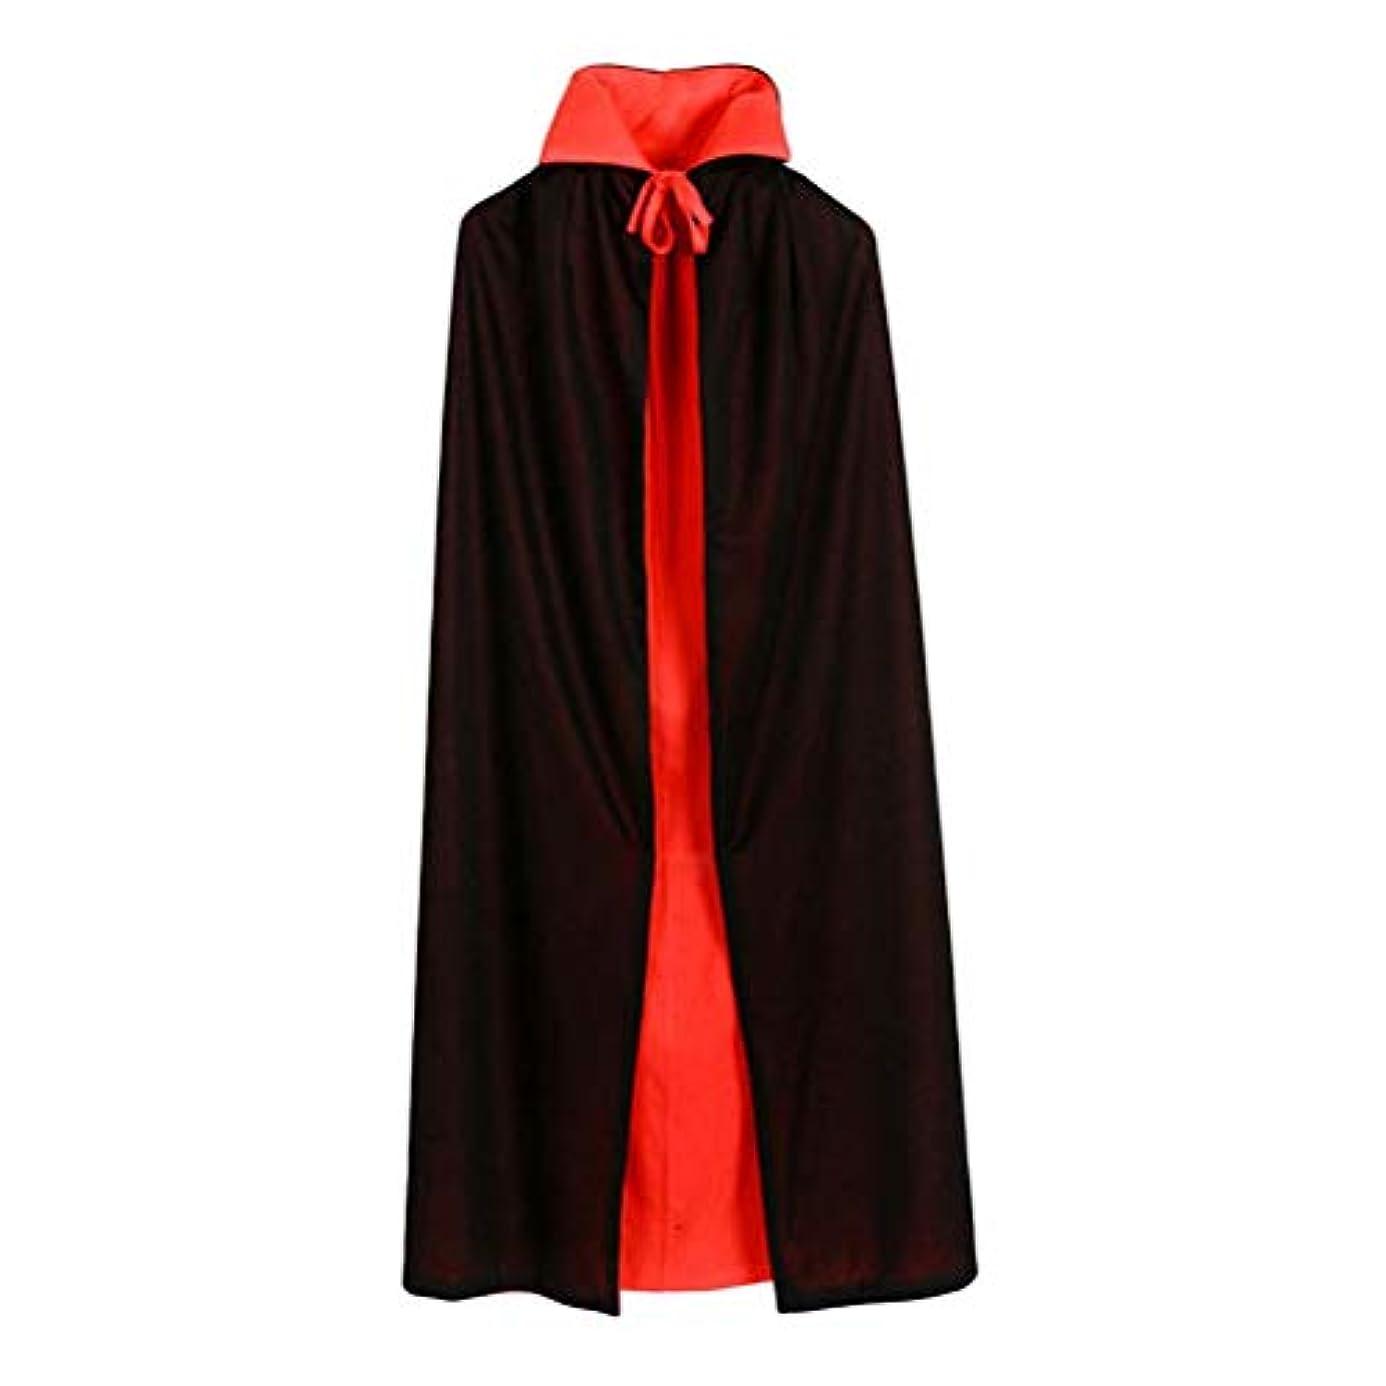 癌謙虚なまたはどちらかToyvian ヴァンパイアマント二重層黒と赤のフード付きマントヴァンパイアコスチュームコスプレケープは男の子と女の子のためにドレスアップ(90cmストレートカラーダブルマント)